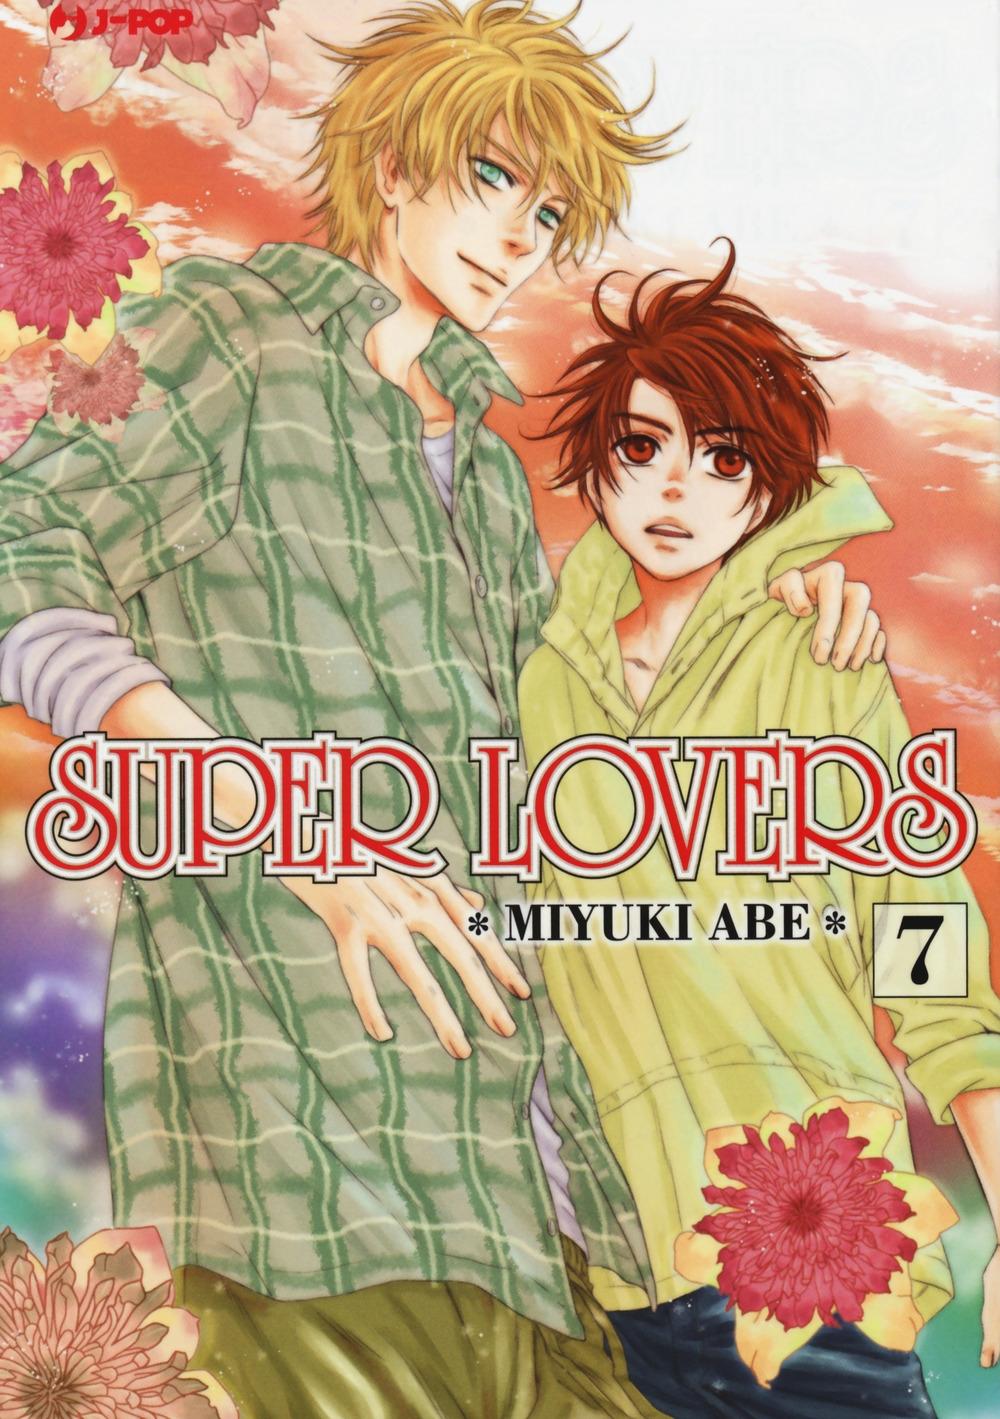 Super lovers. Vol. 7